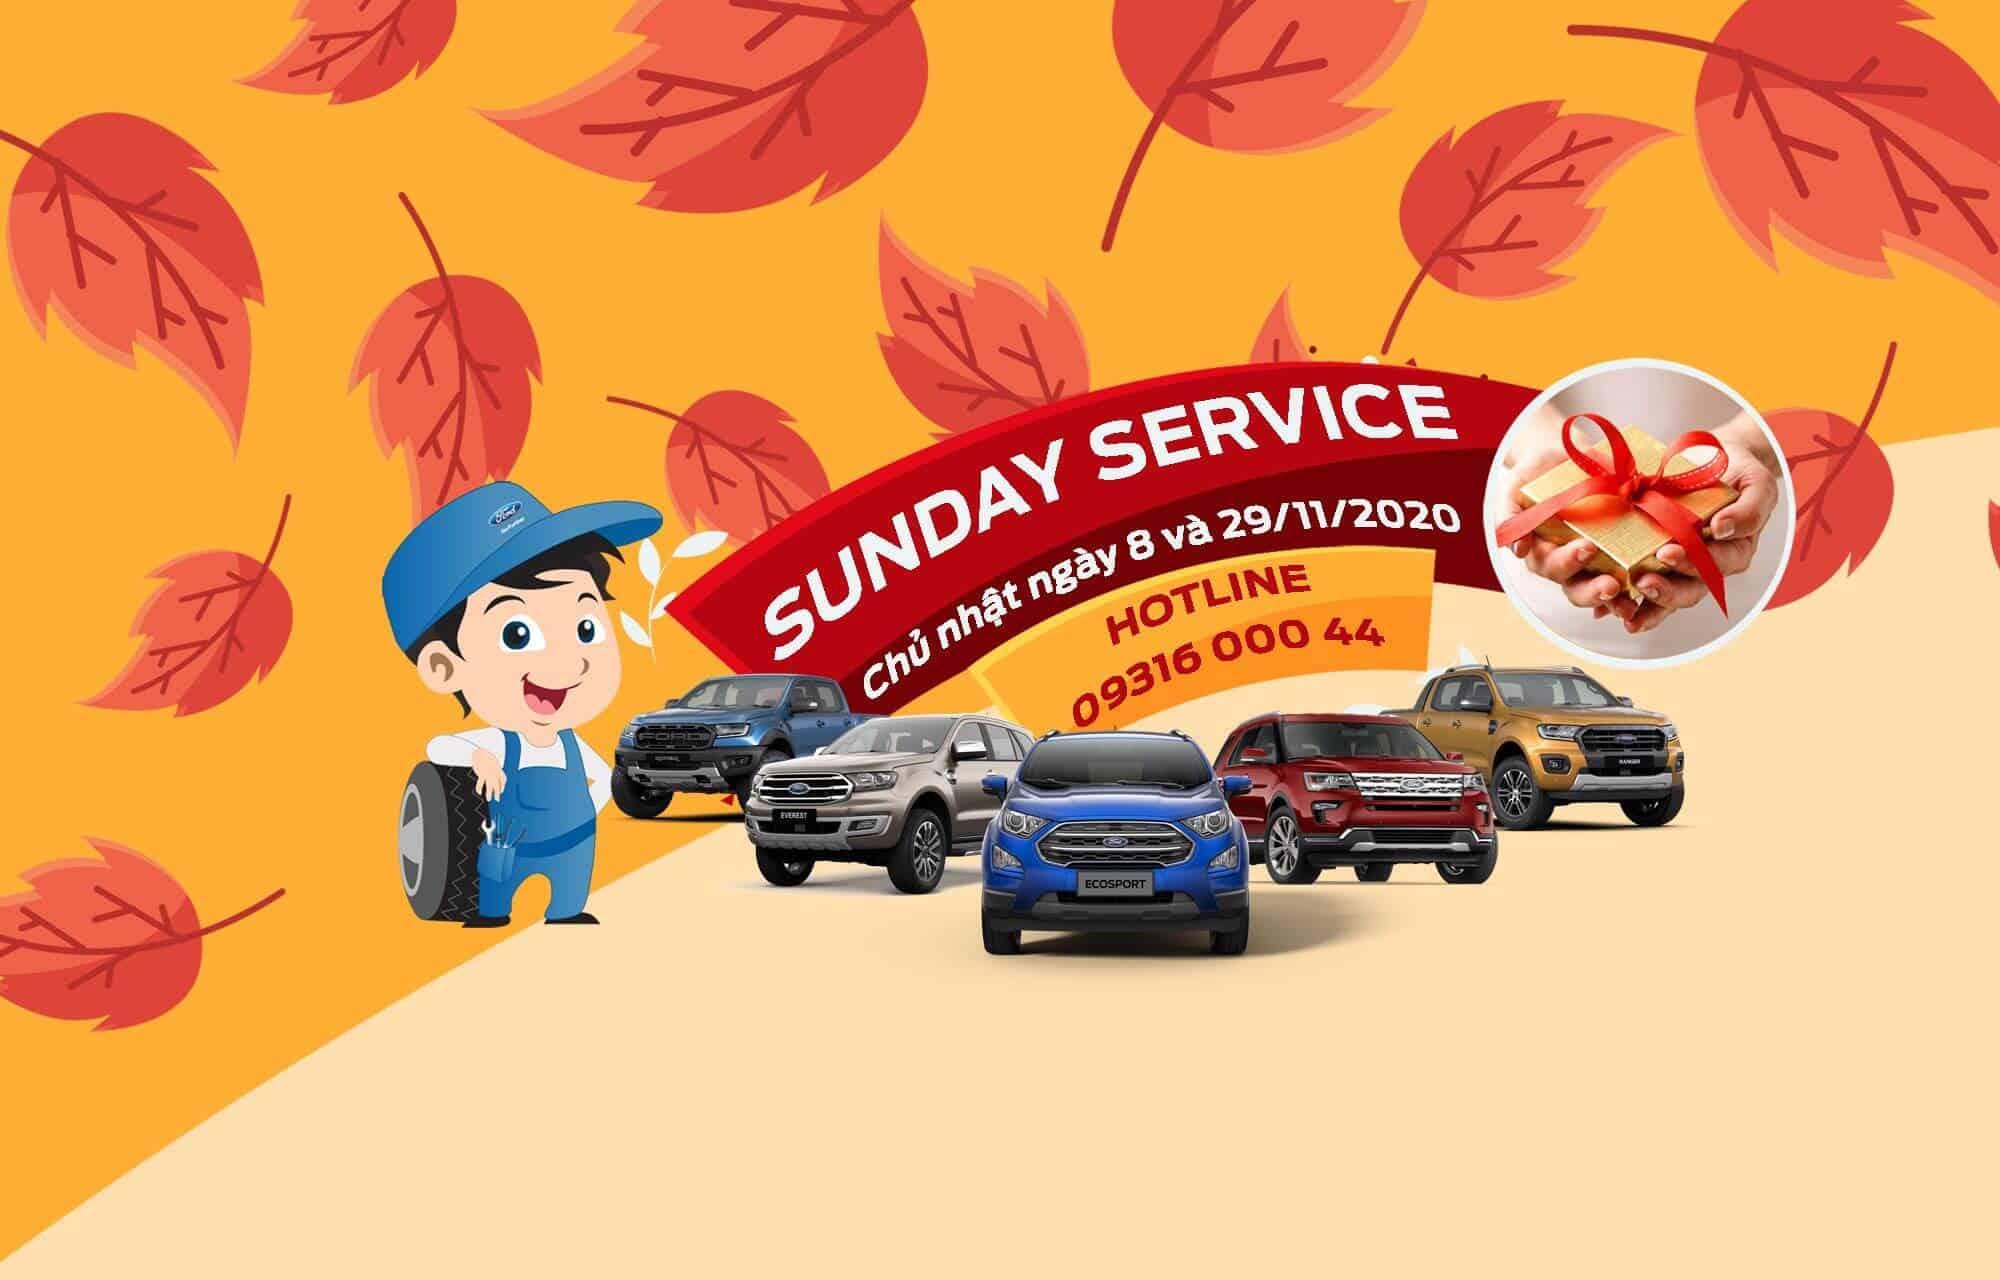 Chương trình ngày chủ nhật dịch vụ - Sunday Service tại Nha Trang Ford